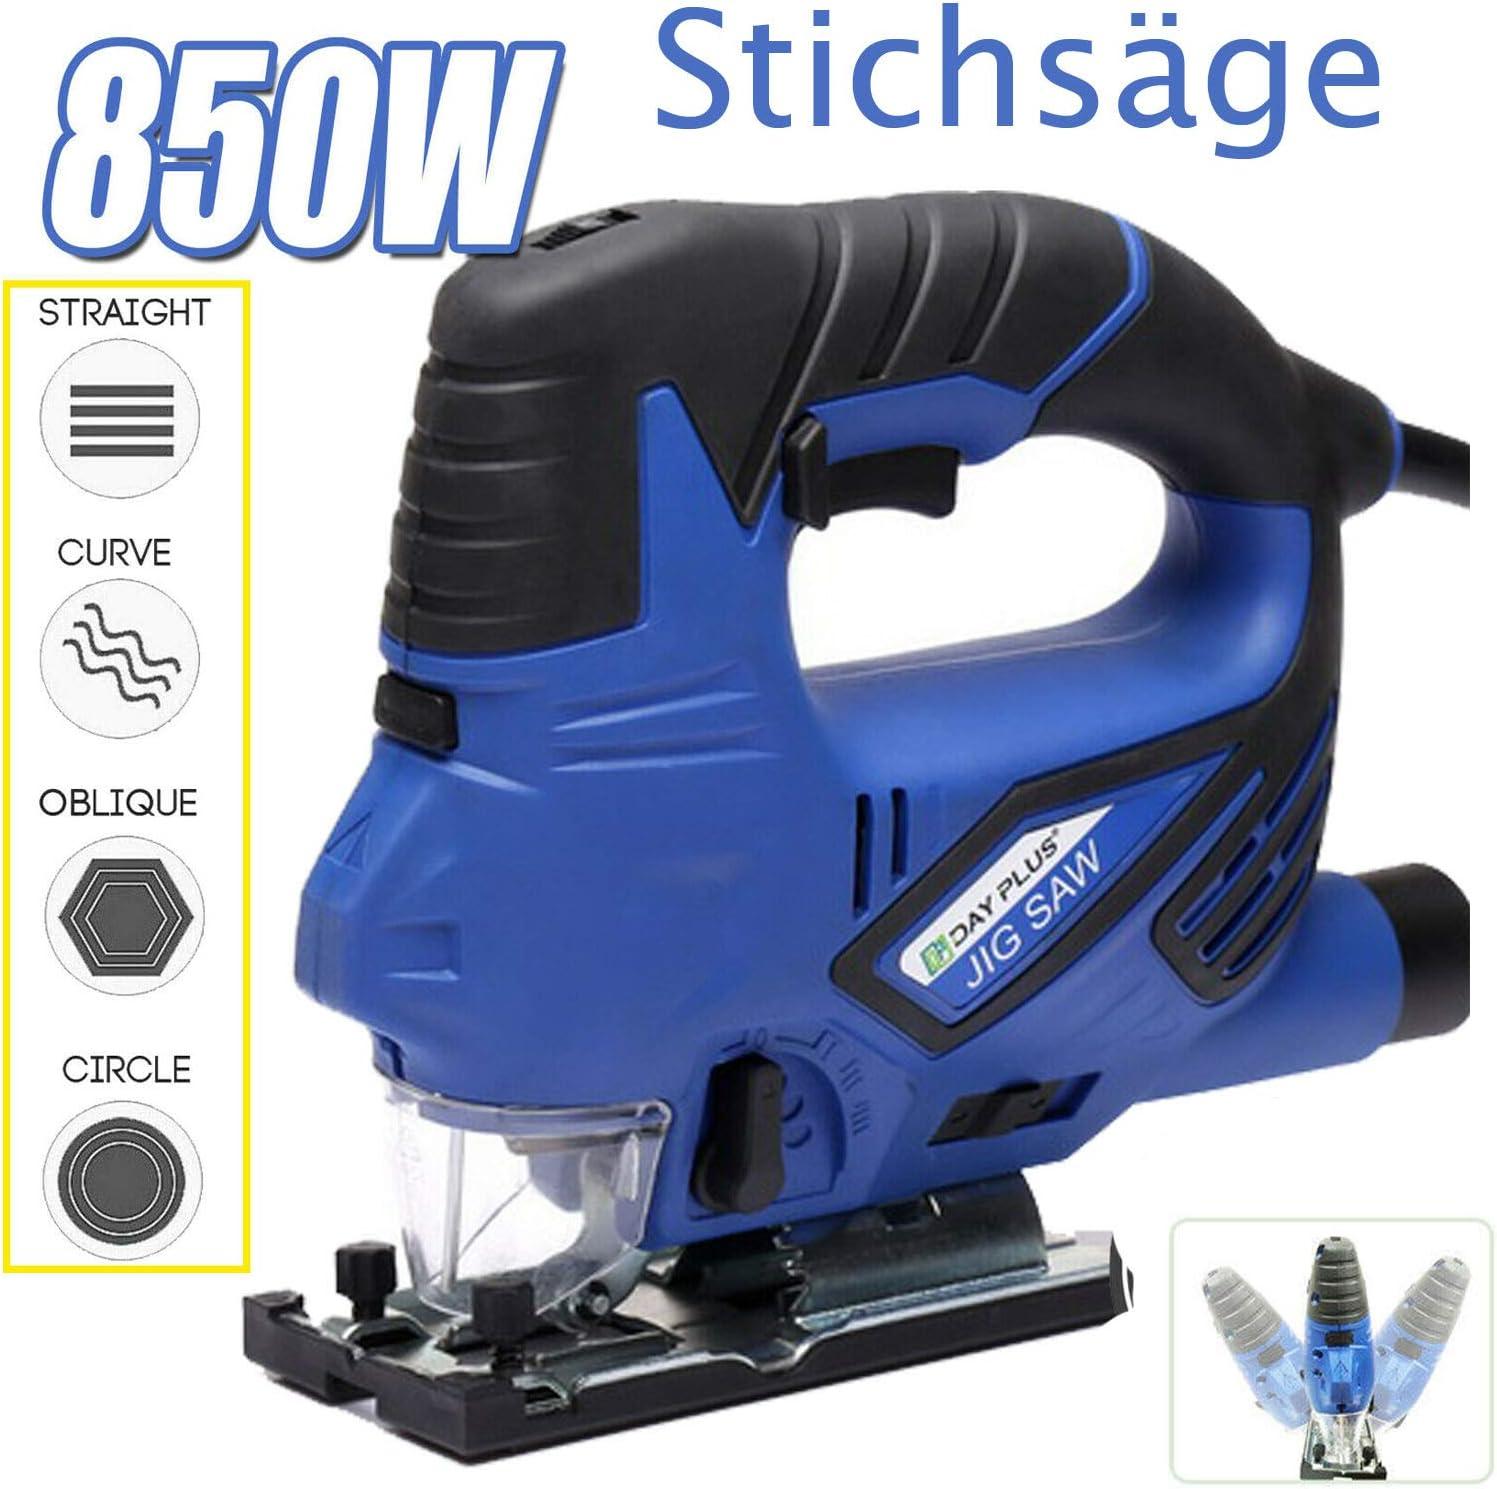 Elektro Stichs/äge mit Laser /& LED 850W Multifunktionsschneider mit neigbarem S/ägeschuh /& 3-stufigem Pendelhub 6 Variable Geschwindigkeiten 4-Stufen-Pendelung Werkzeugloser S/ägeblattwechsel